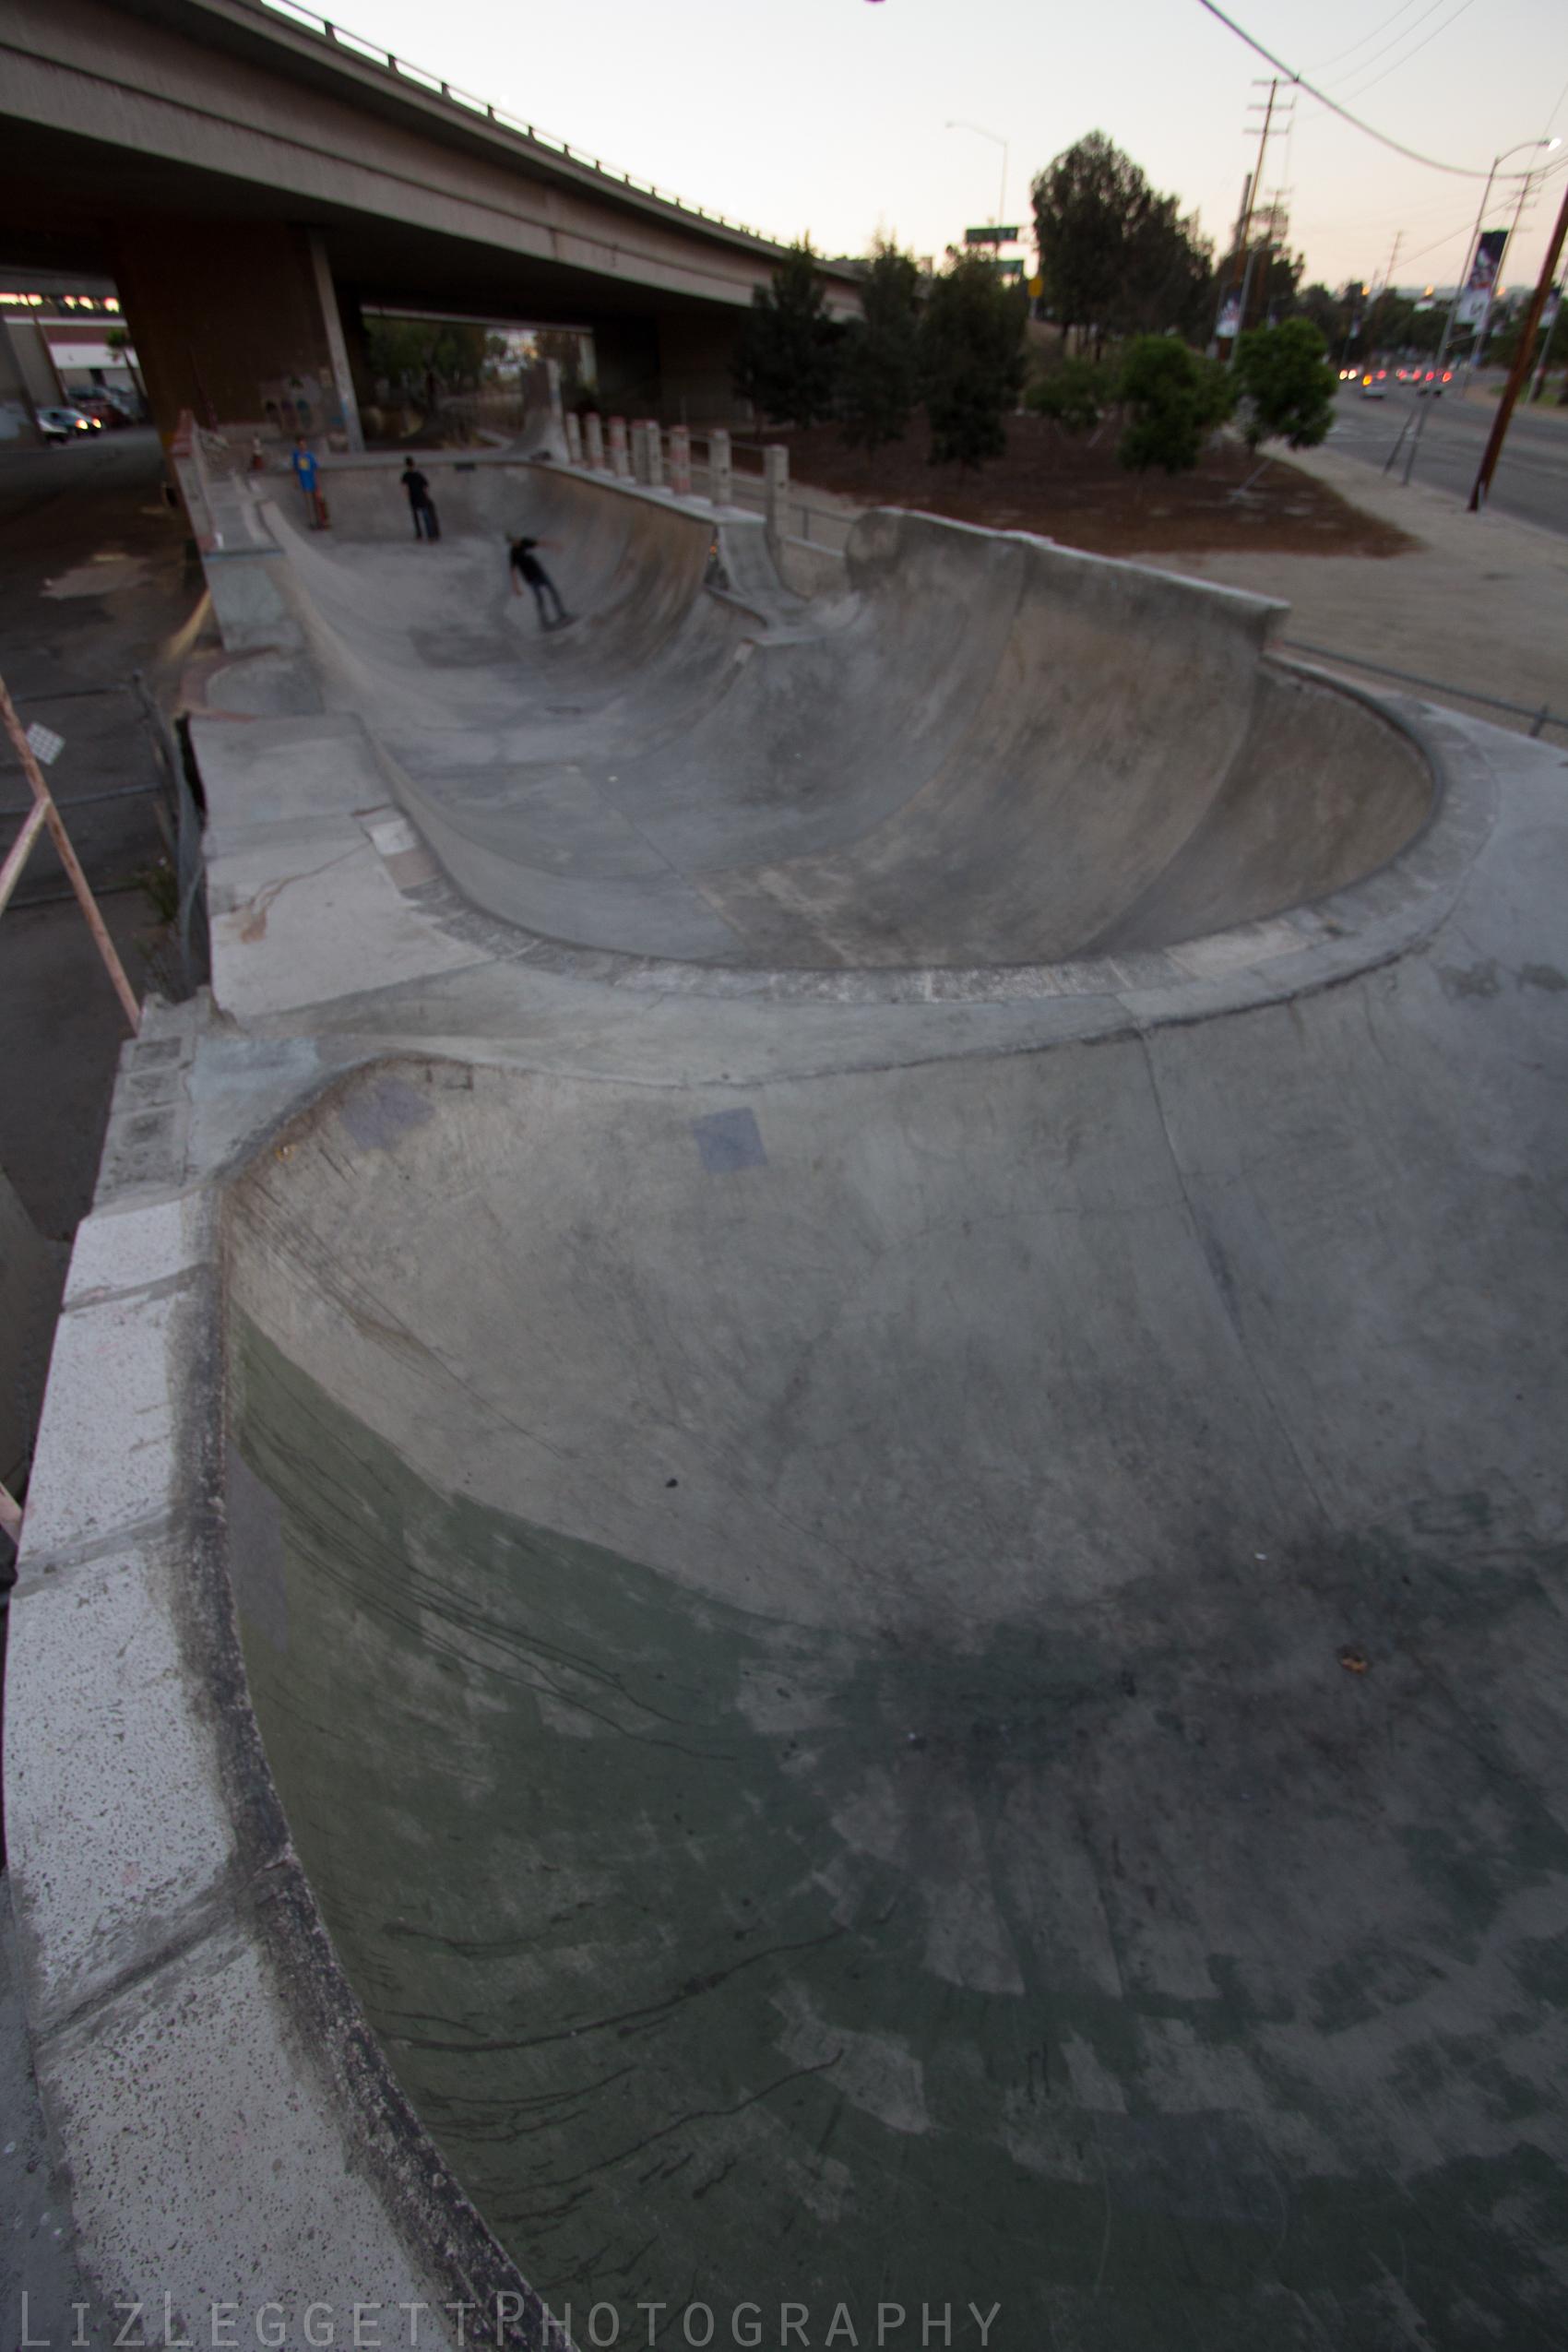 liz_leggett_photography_skatepark_watermarked-0277.jpg